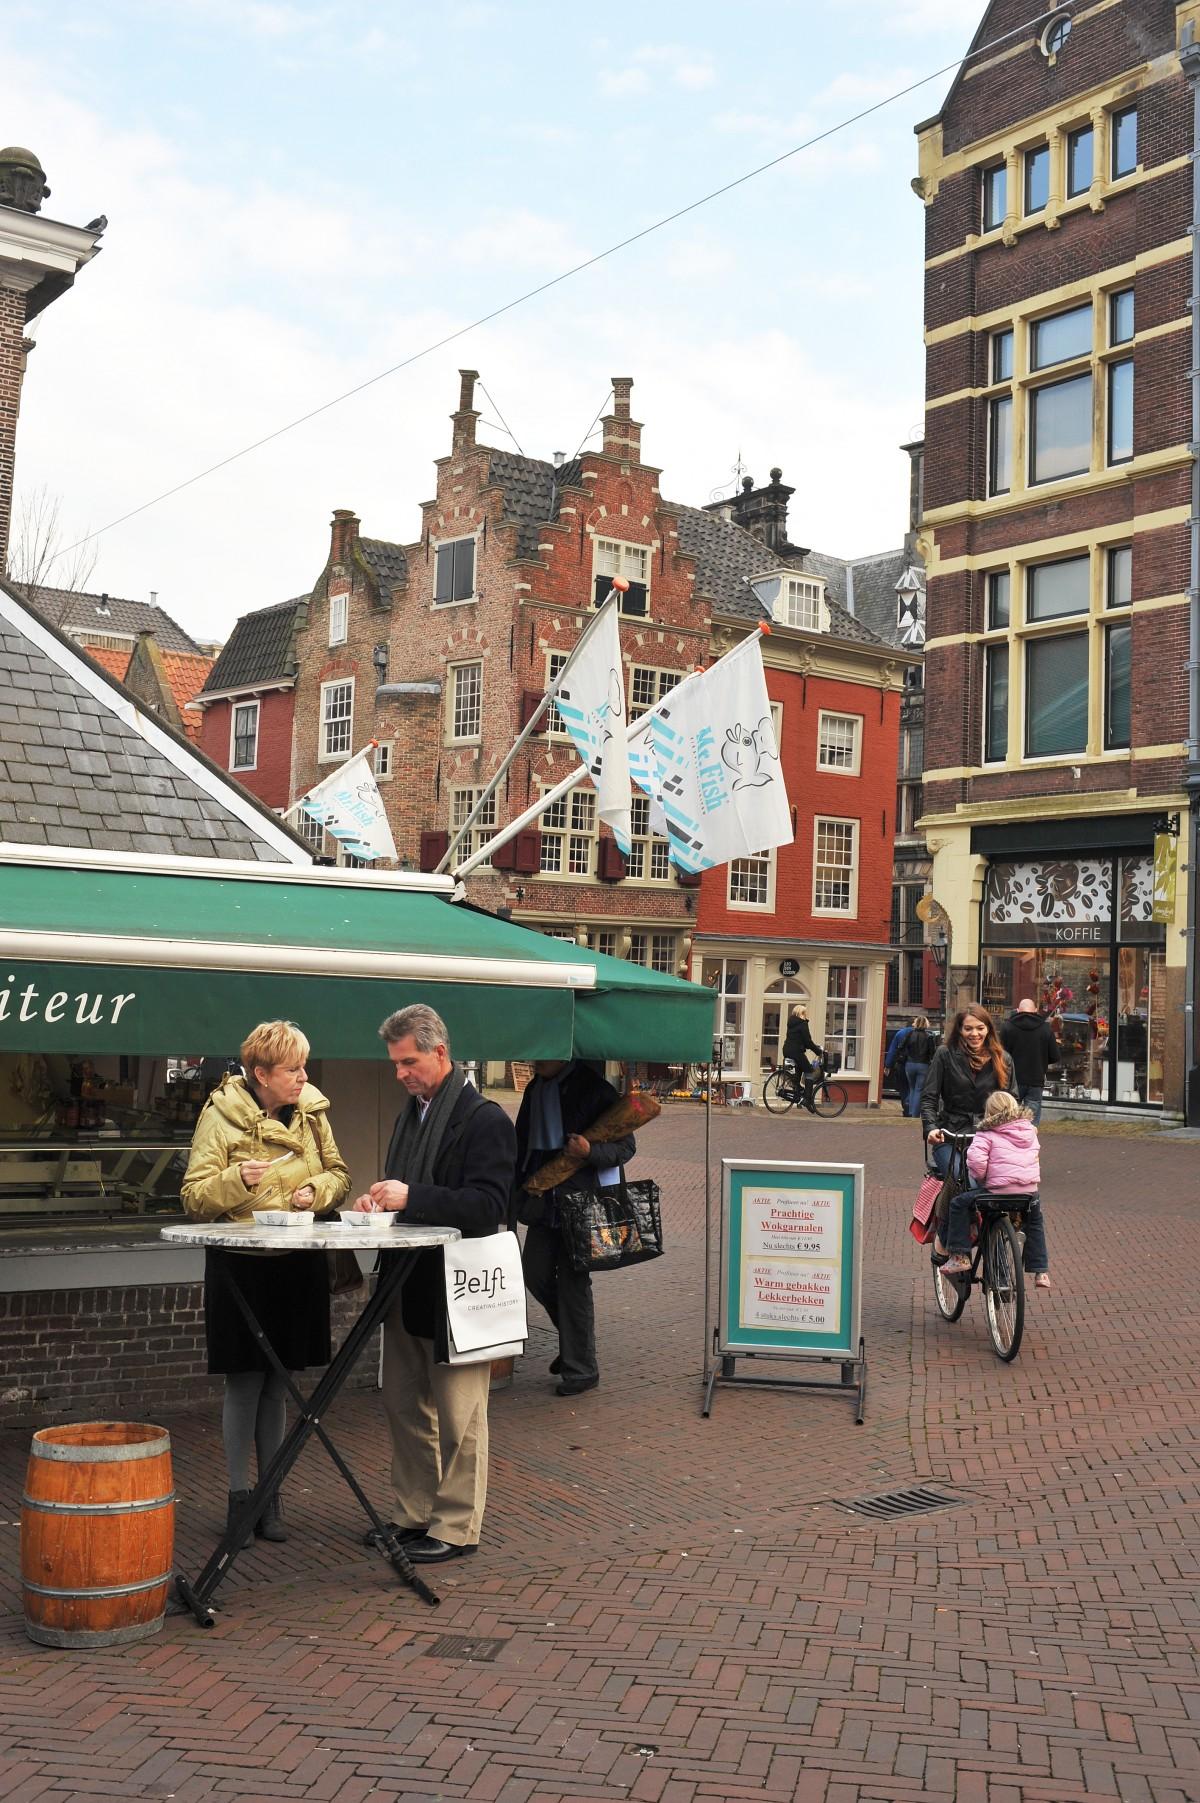 Visbanken Delft